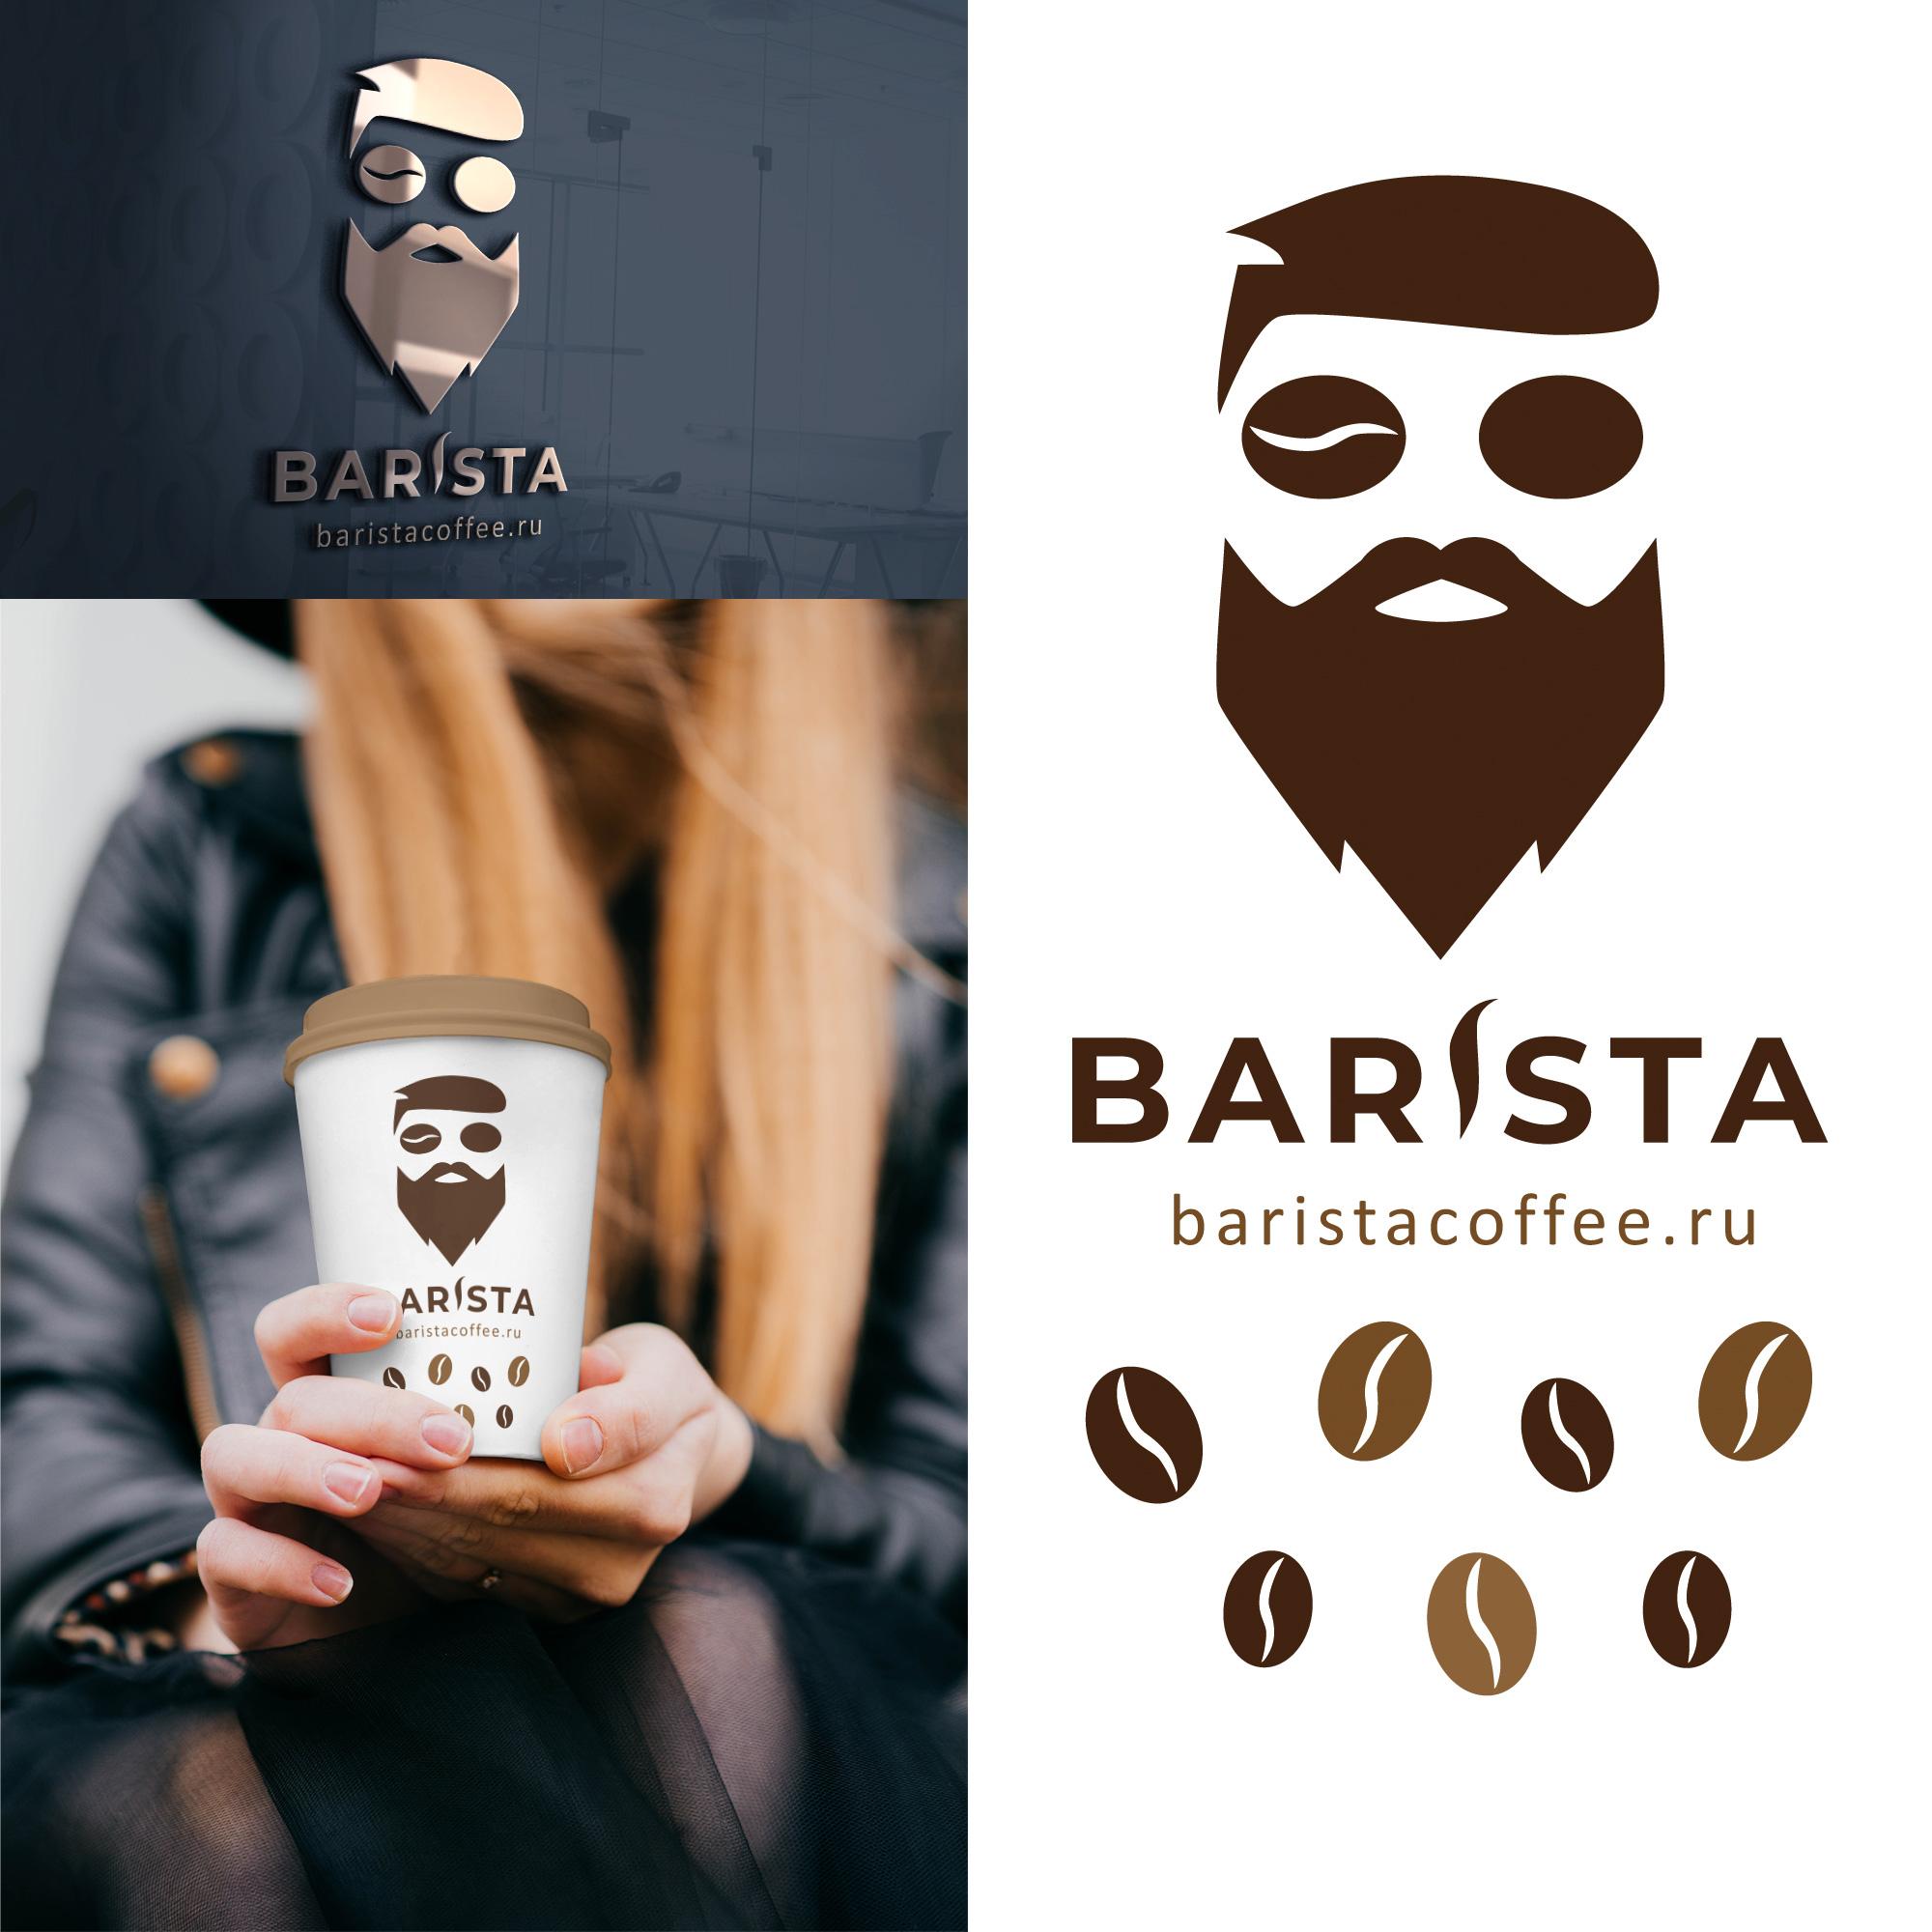 Ребрендинг логотипа сети кофеен фото f_3305e7a20d67dfc9.jpg